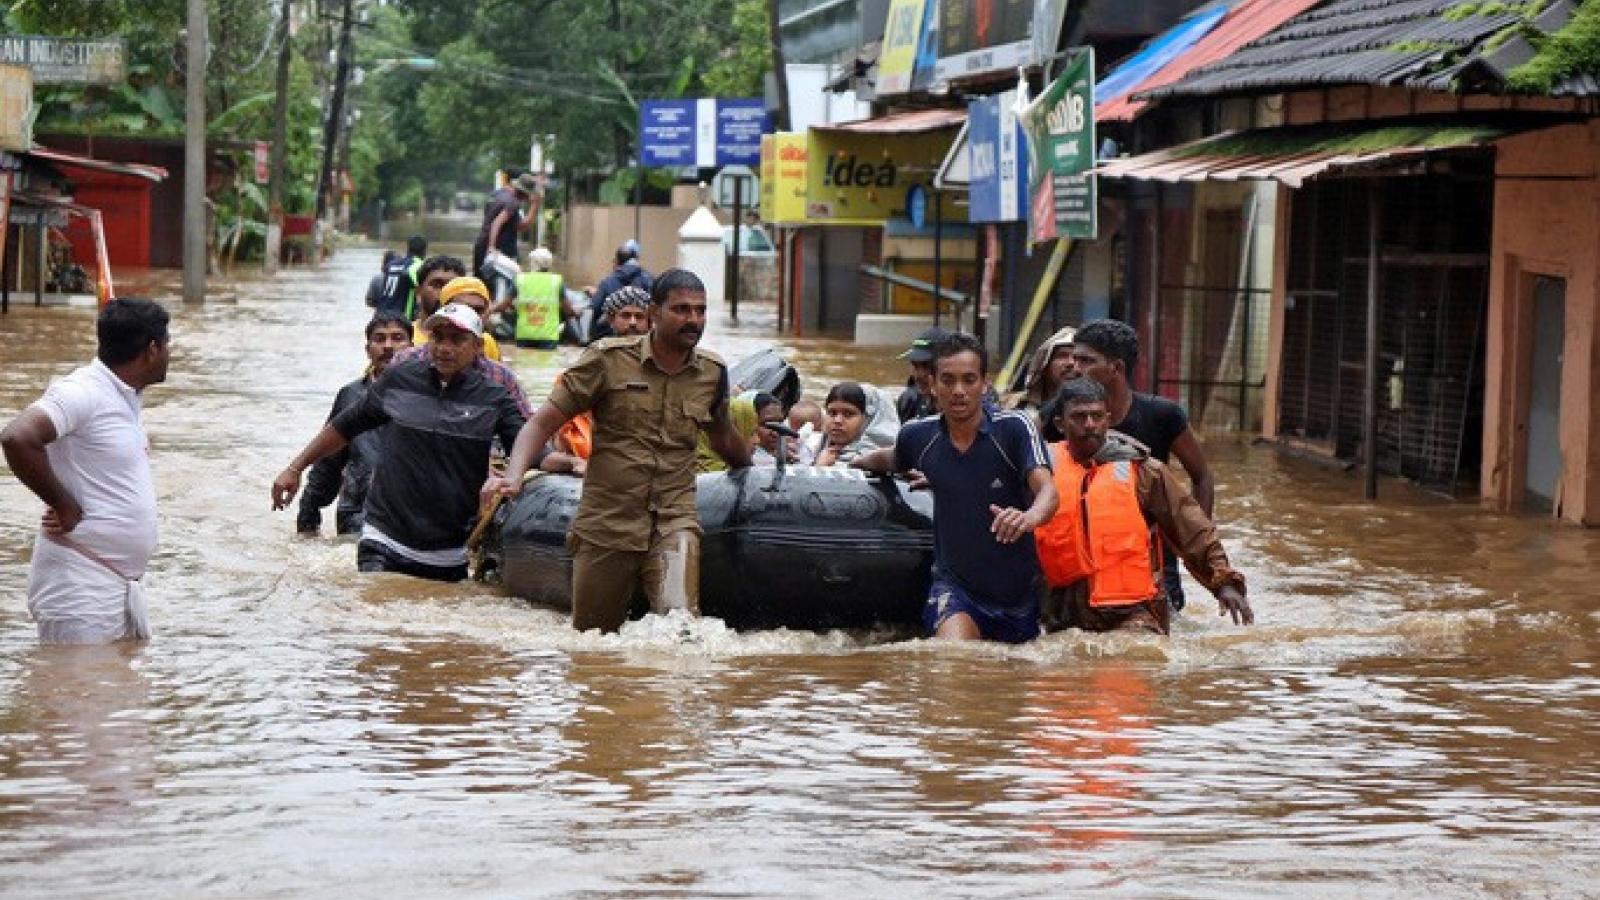 Ít nhất 41 người thiệt mạng do mưa lũ tại Ấn Độ và Nepal